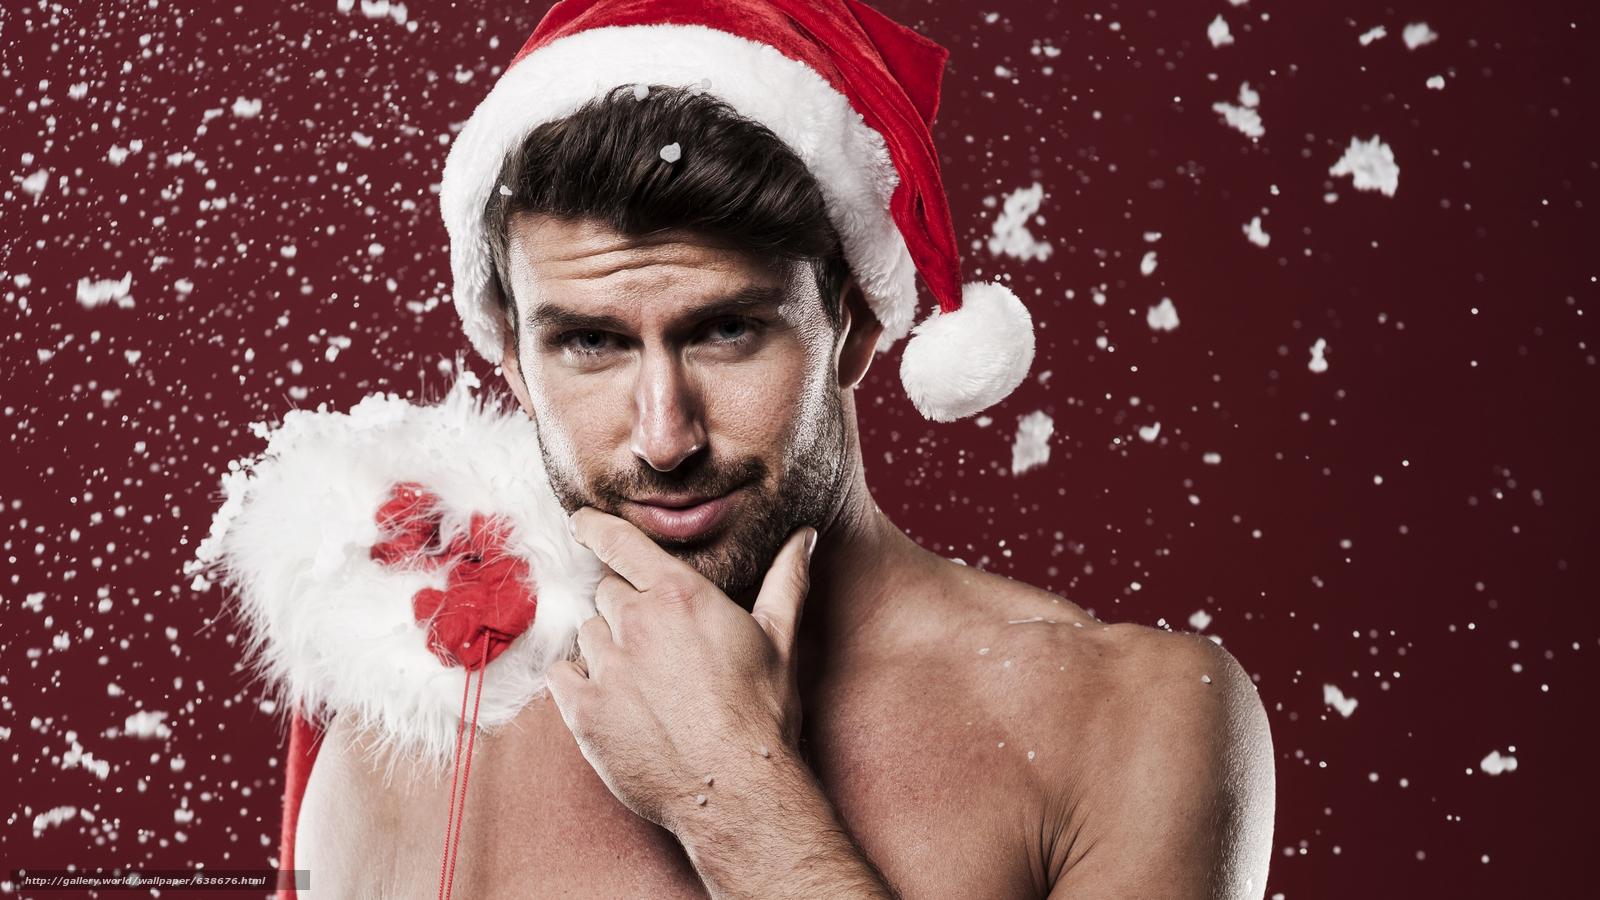 Скачать обои Дед Мороз,  Санта Клаус,  Новый год,  Рождество бесплатно для рабочего стола в разрешении 7680x4320 — картинка №638676